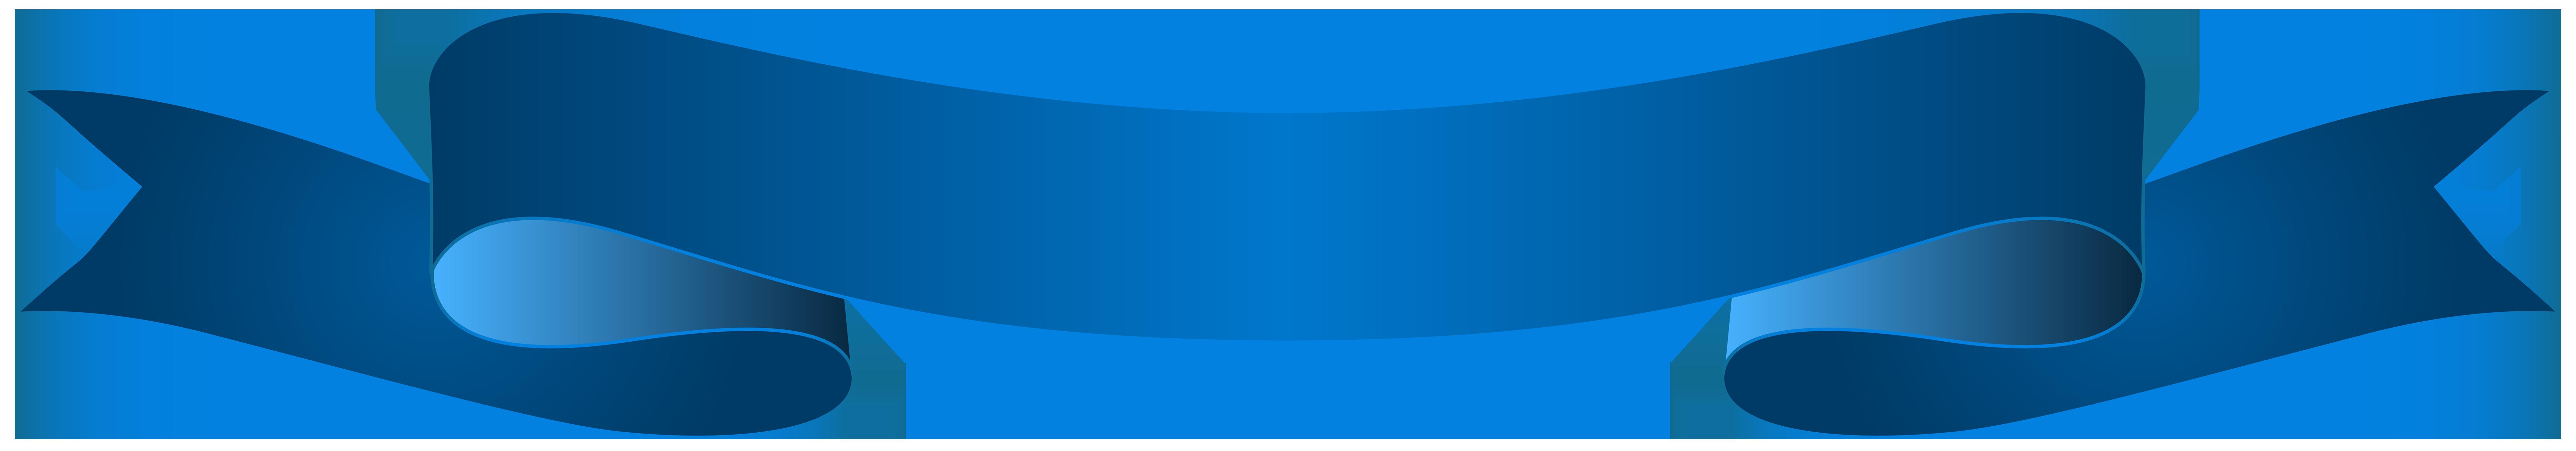 Blue clipart banner. Transparent clip art image